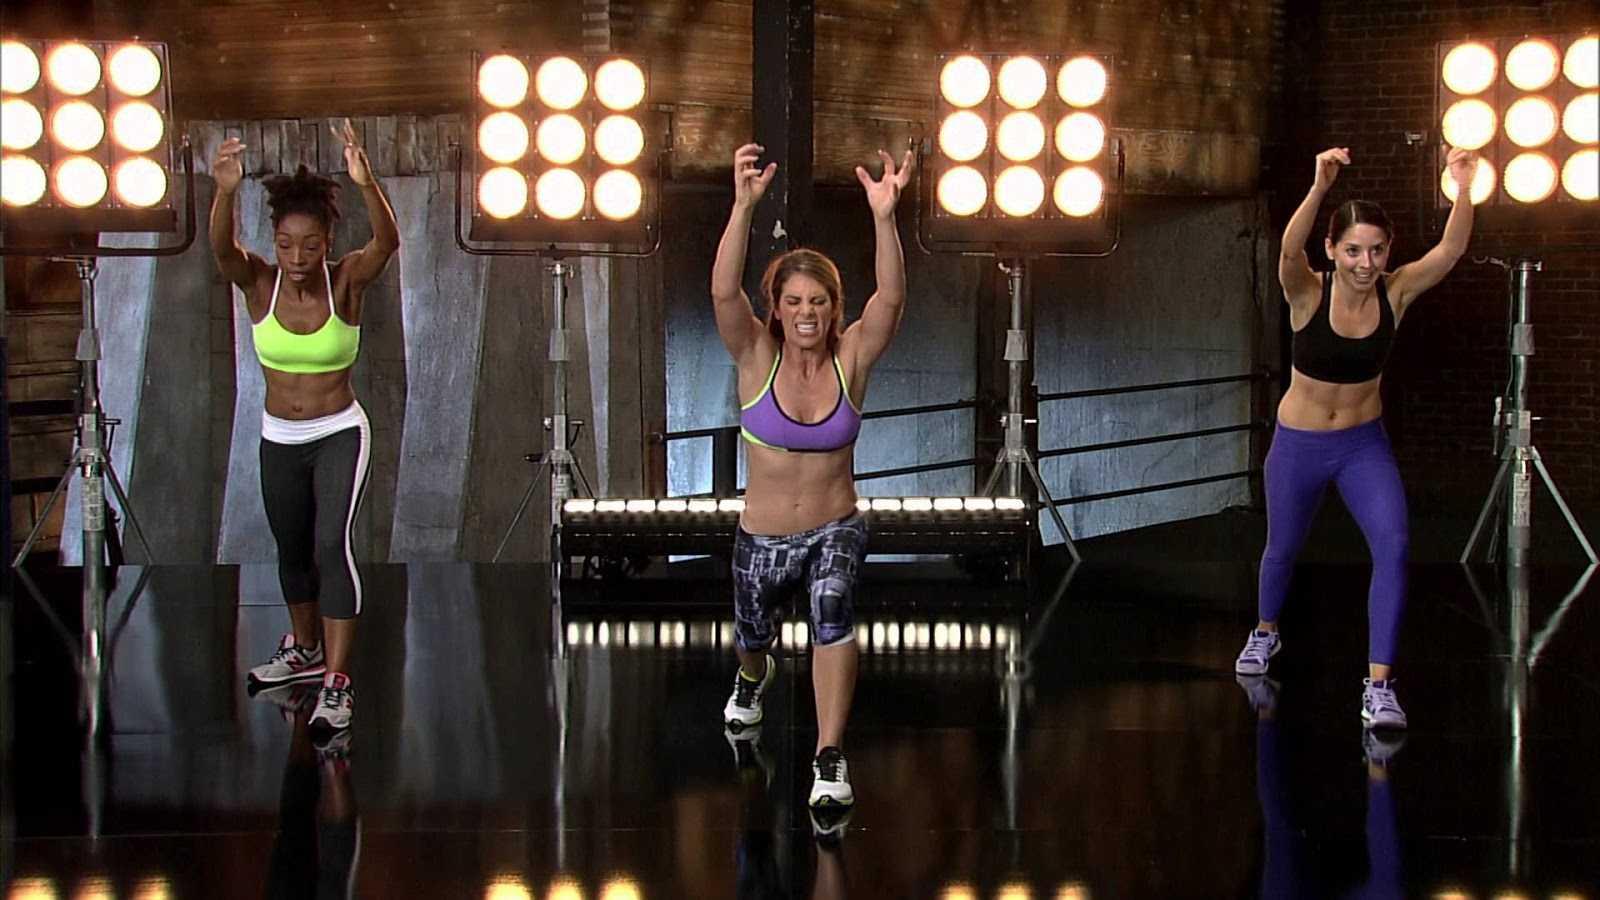 У всех бывают ситуации, когда нужно срочно похудеть за короткий срок One Week Shred от Джиллиан Майклс - программу, которая поможет за неделю подтянуть тело